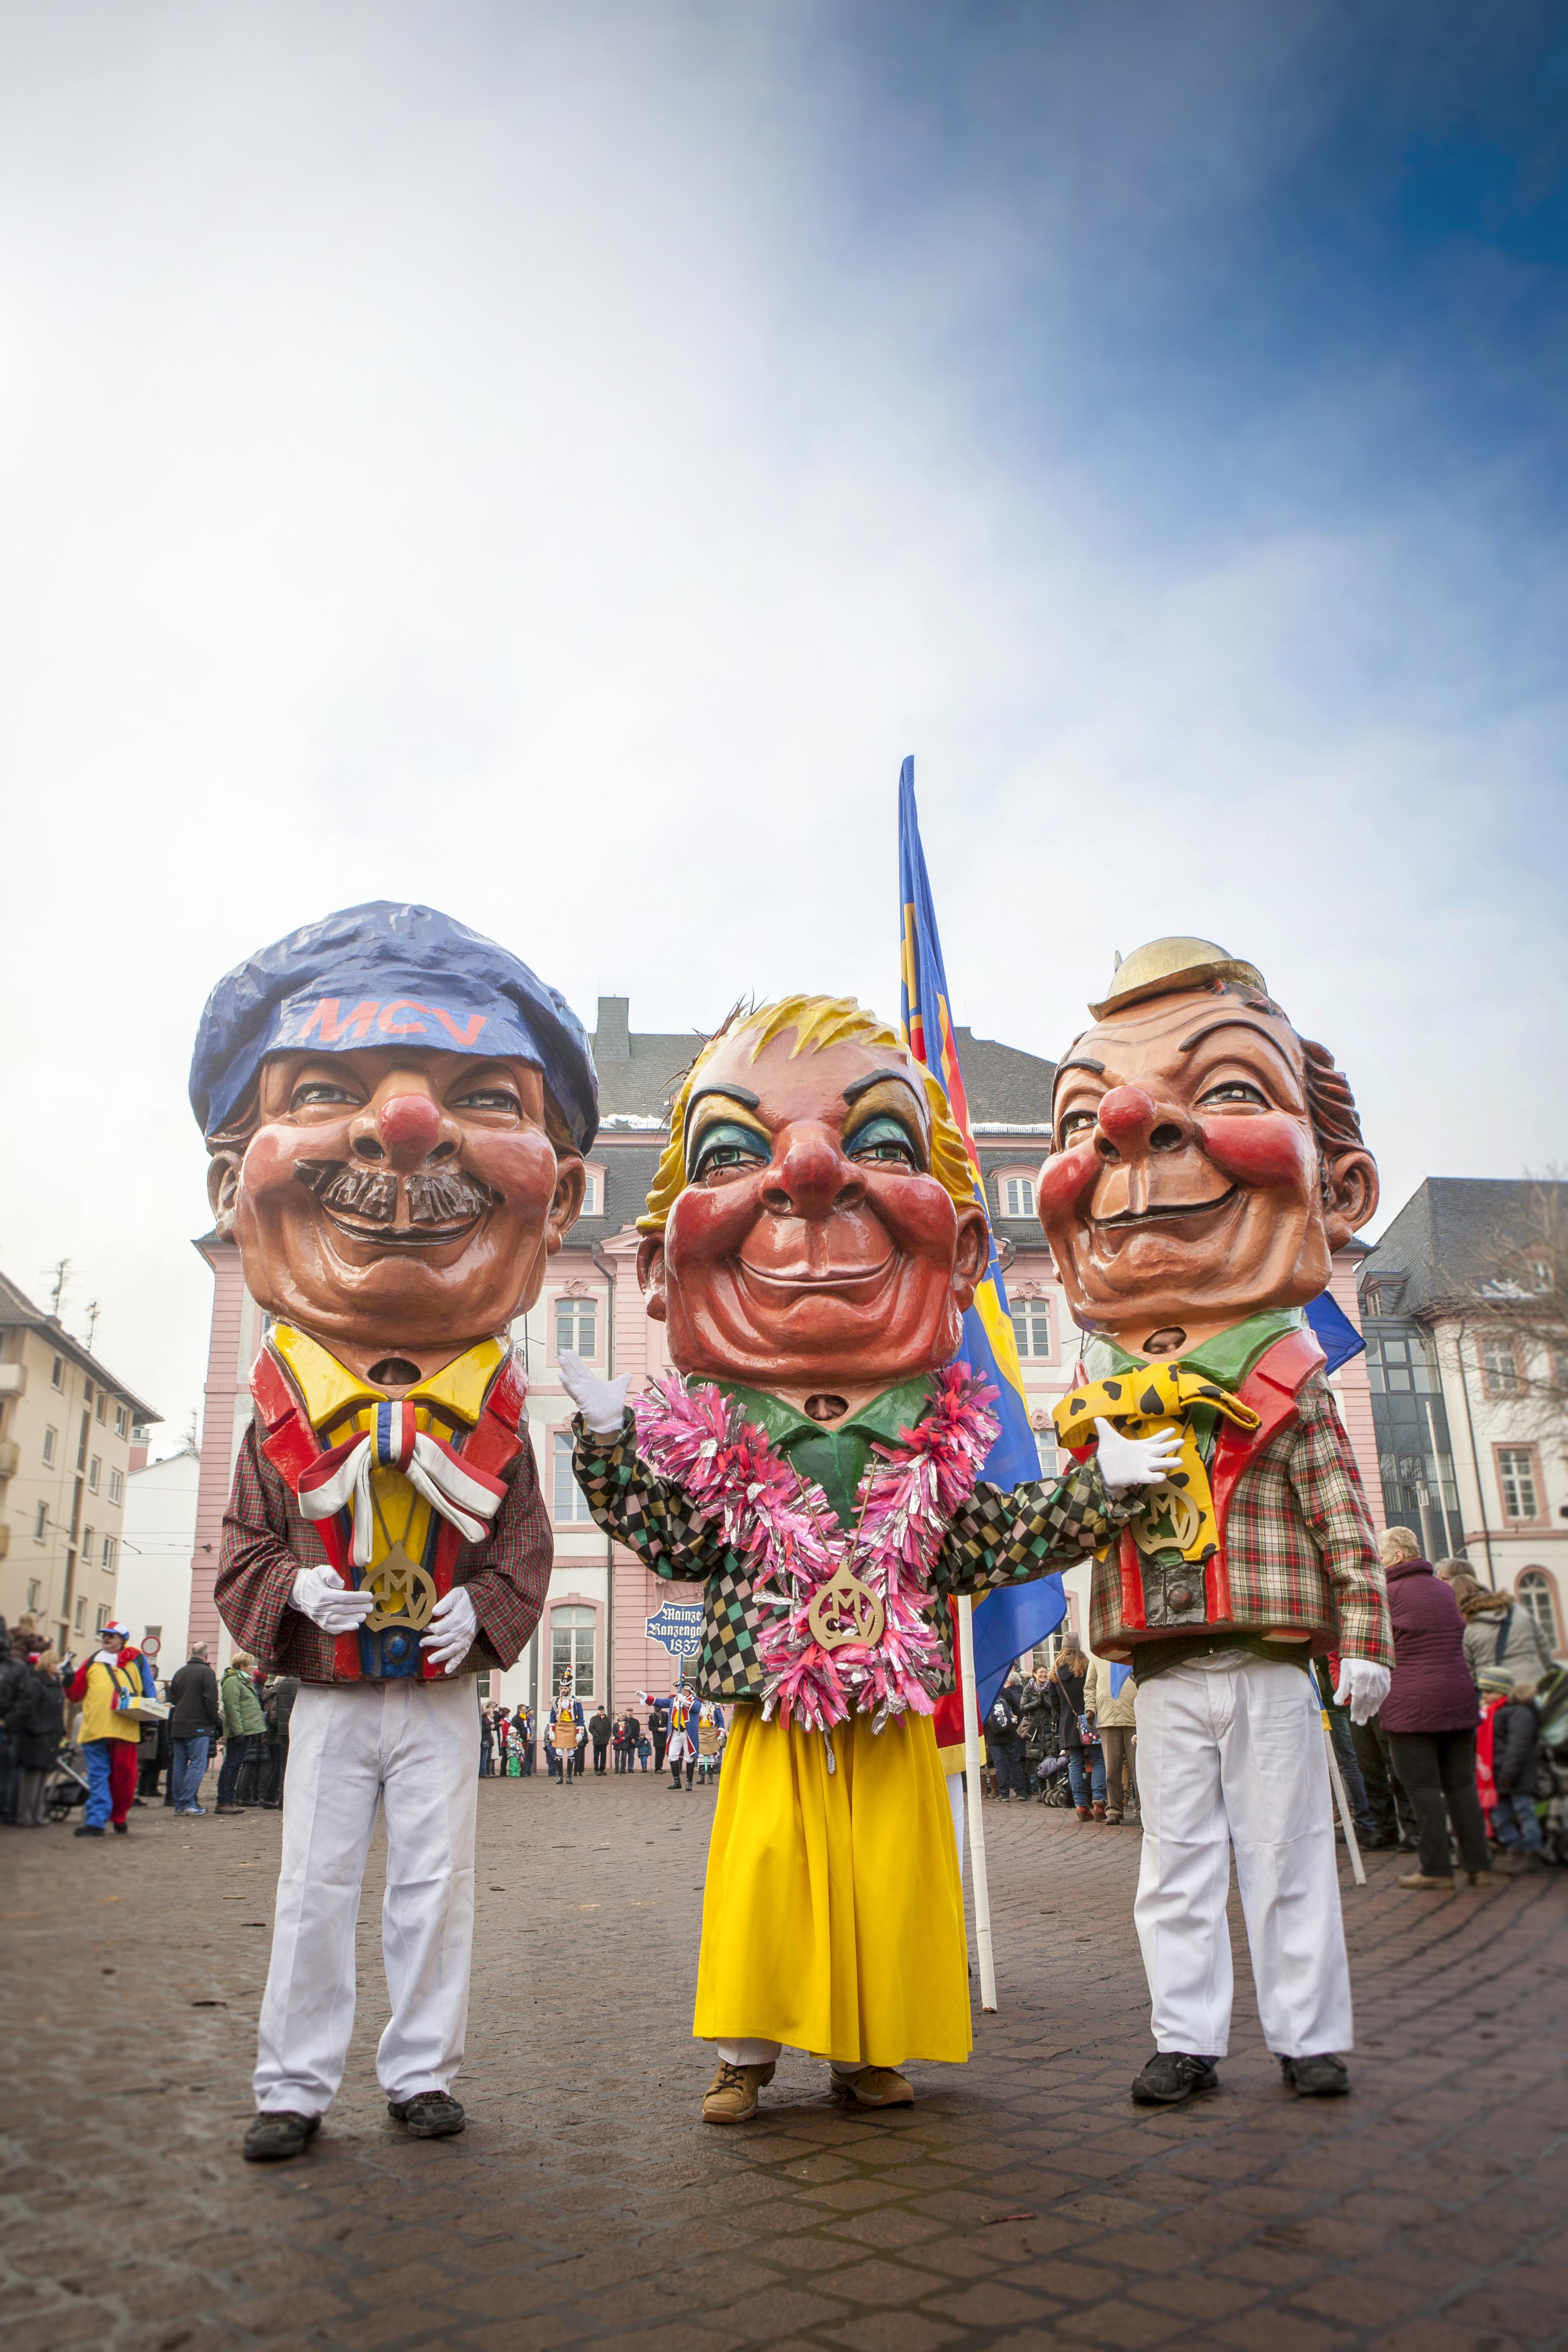 Carnaval in Mainz, Rijn-Hessen